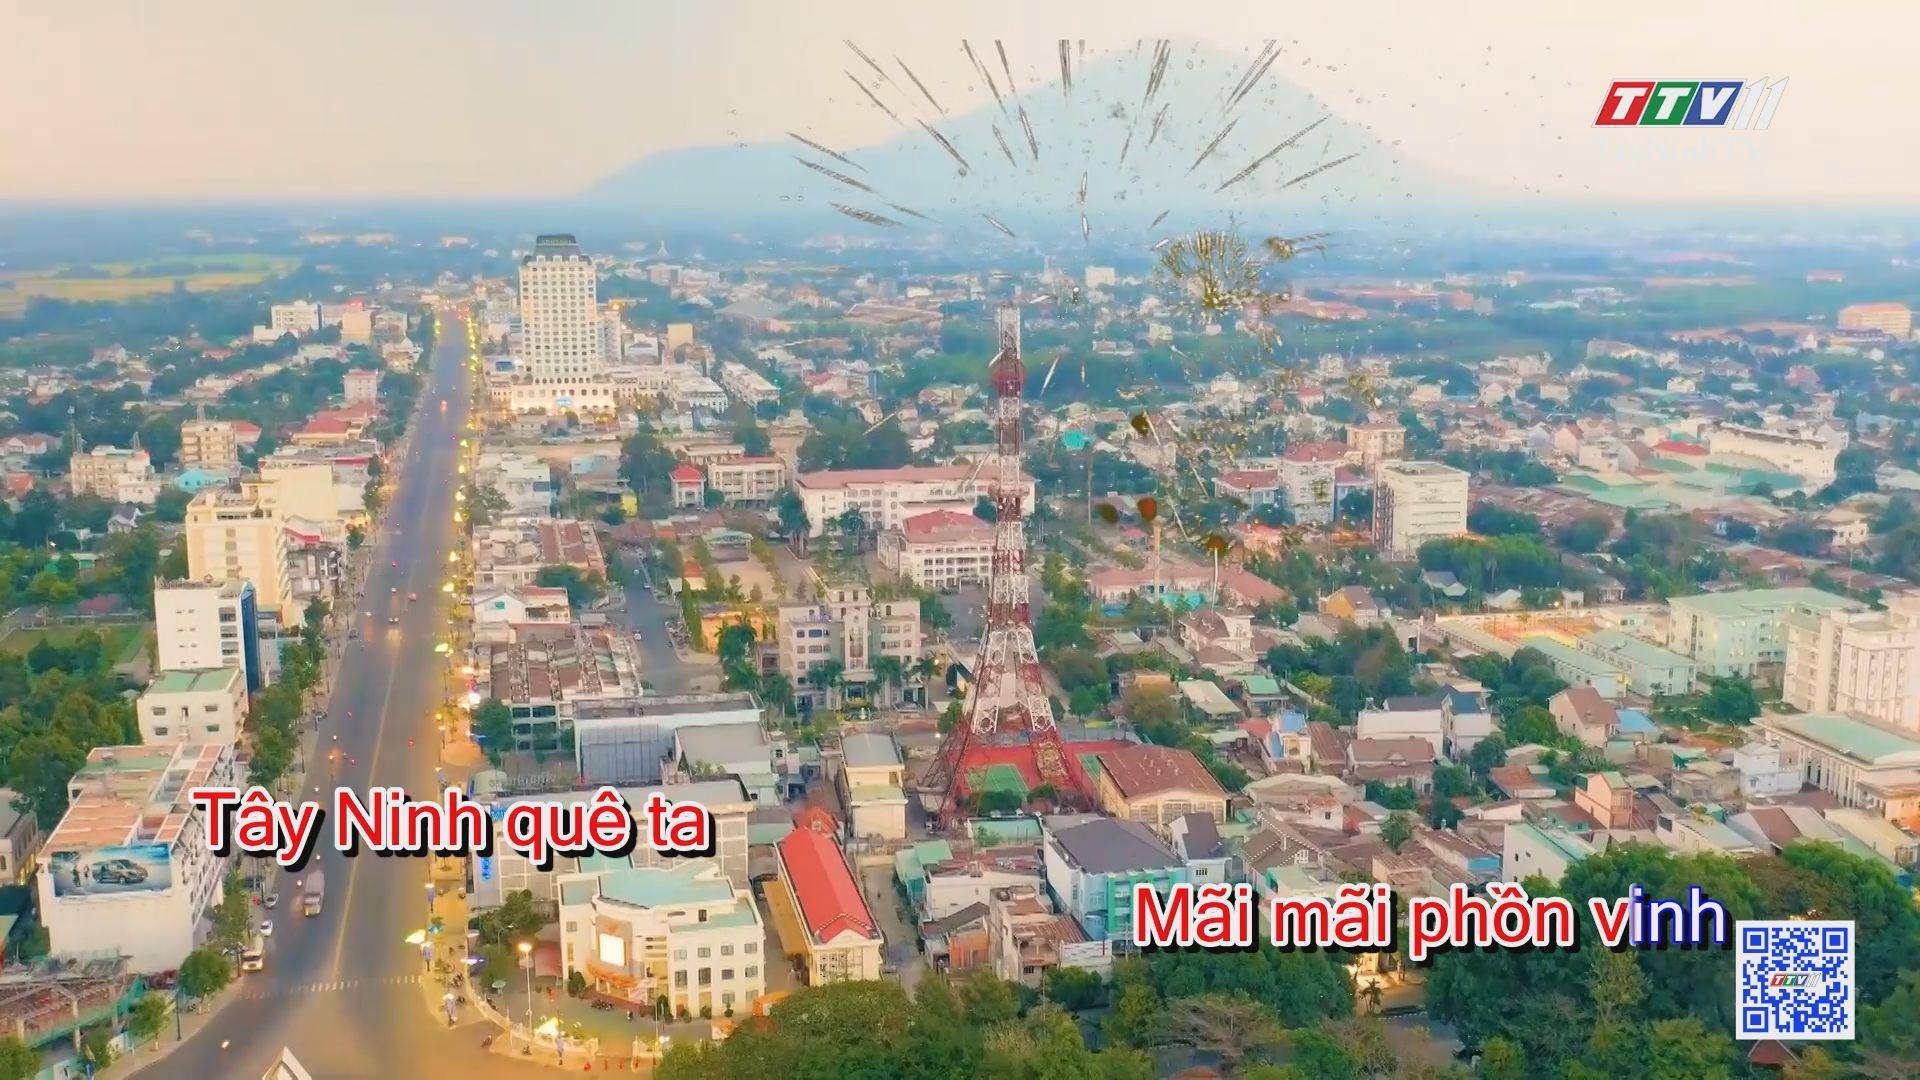 Rạng ngời vùng đất quê ta KARAOKE | Tuyển tập karaoke Tây Ninh tình yêu trong tôi | TayNinhTV